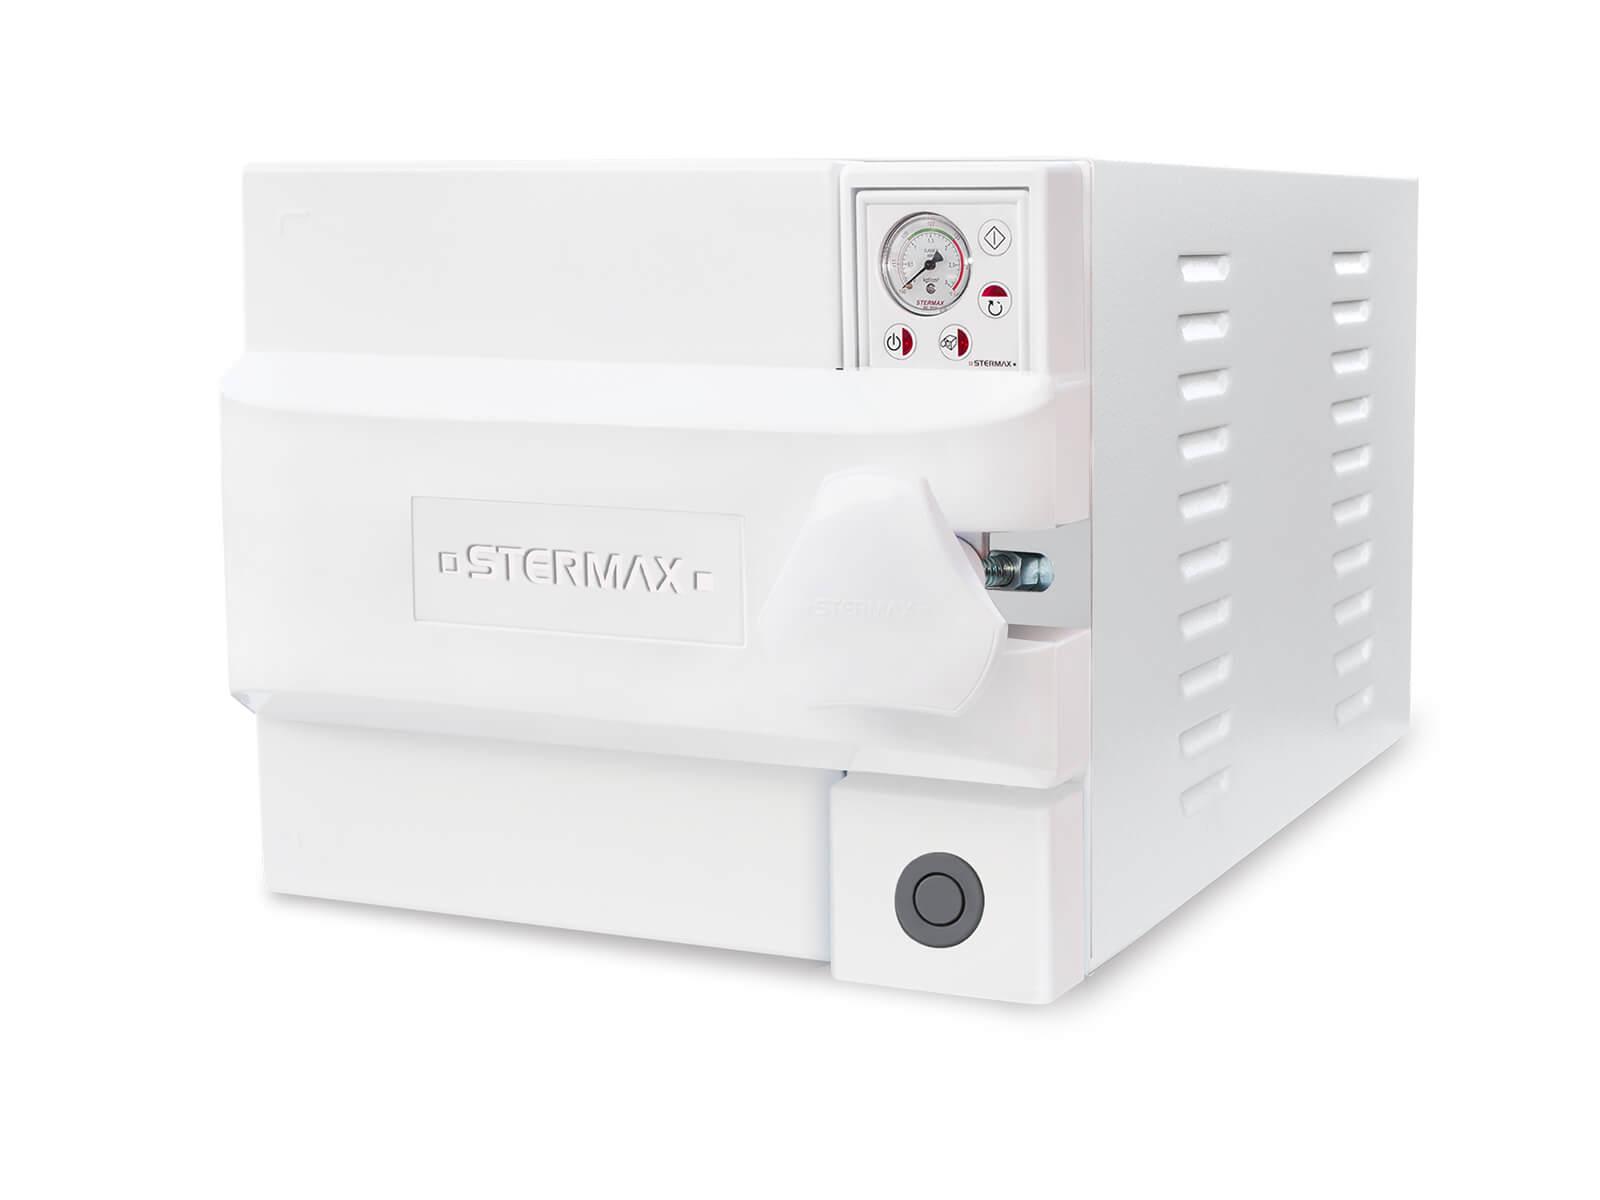 Autoclave Box Analógica Ciclo Silencioso 21 e 75 Litros - Stermax